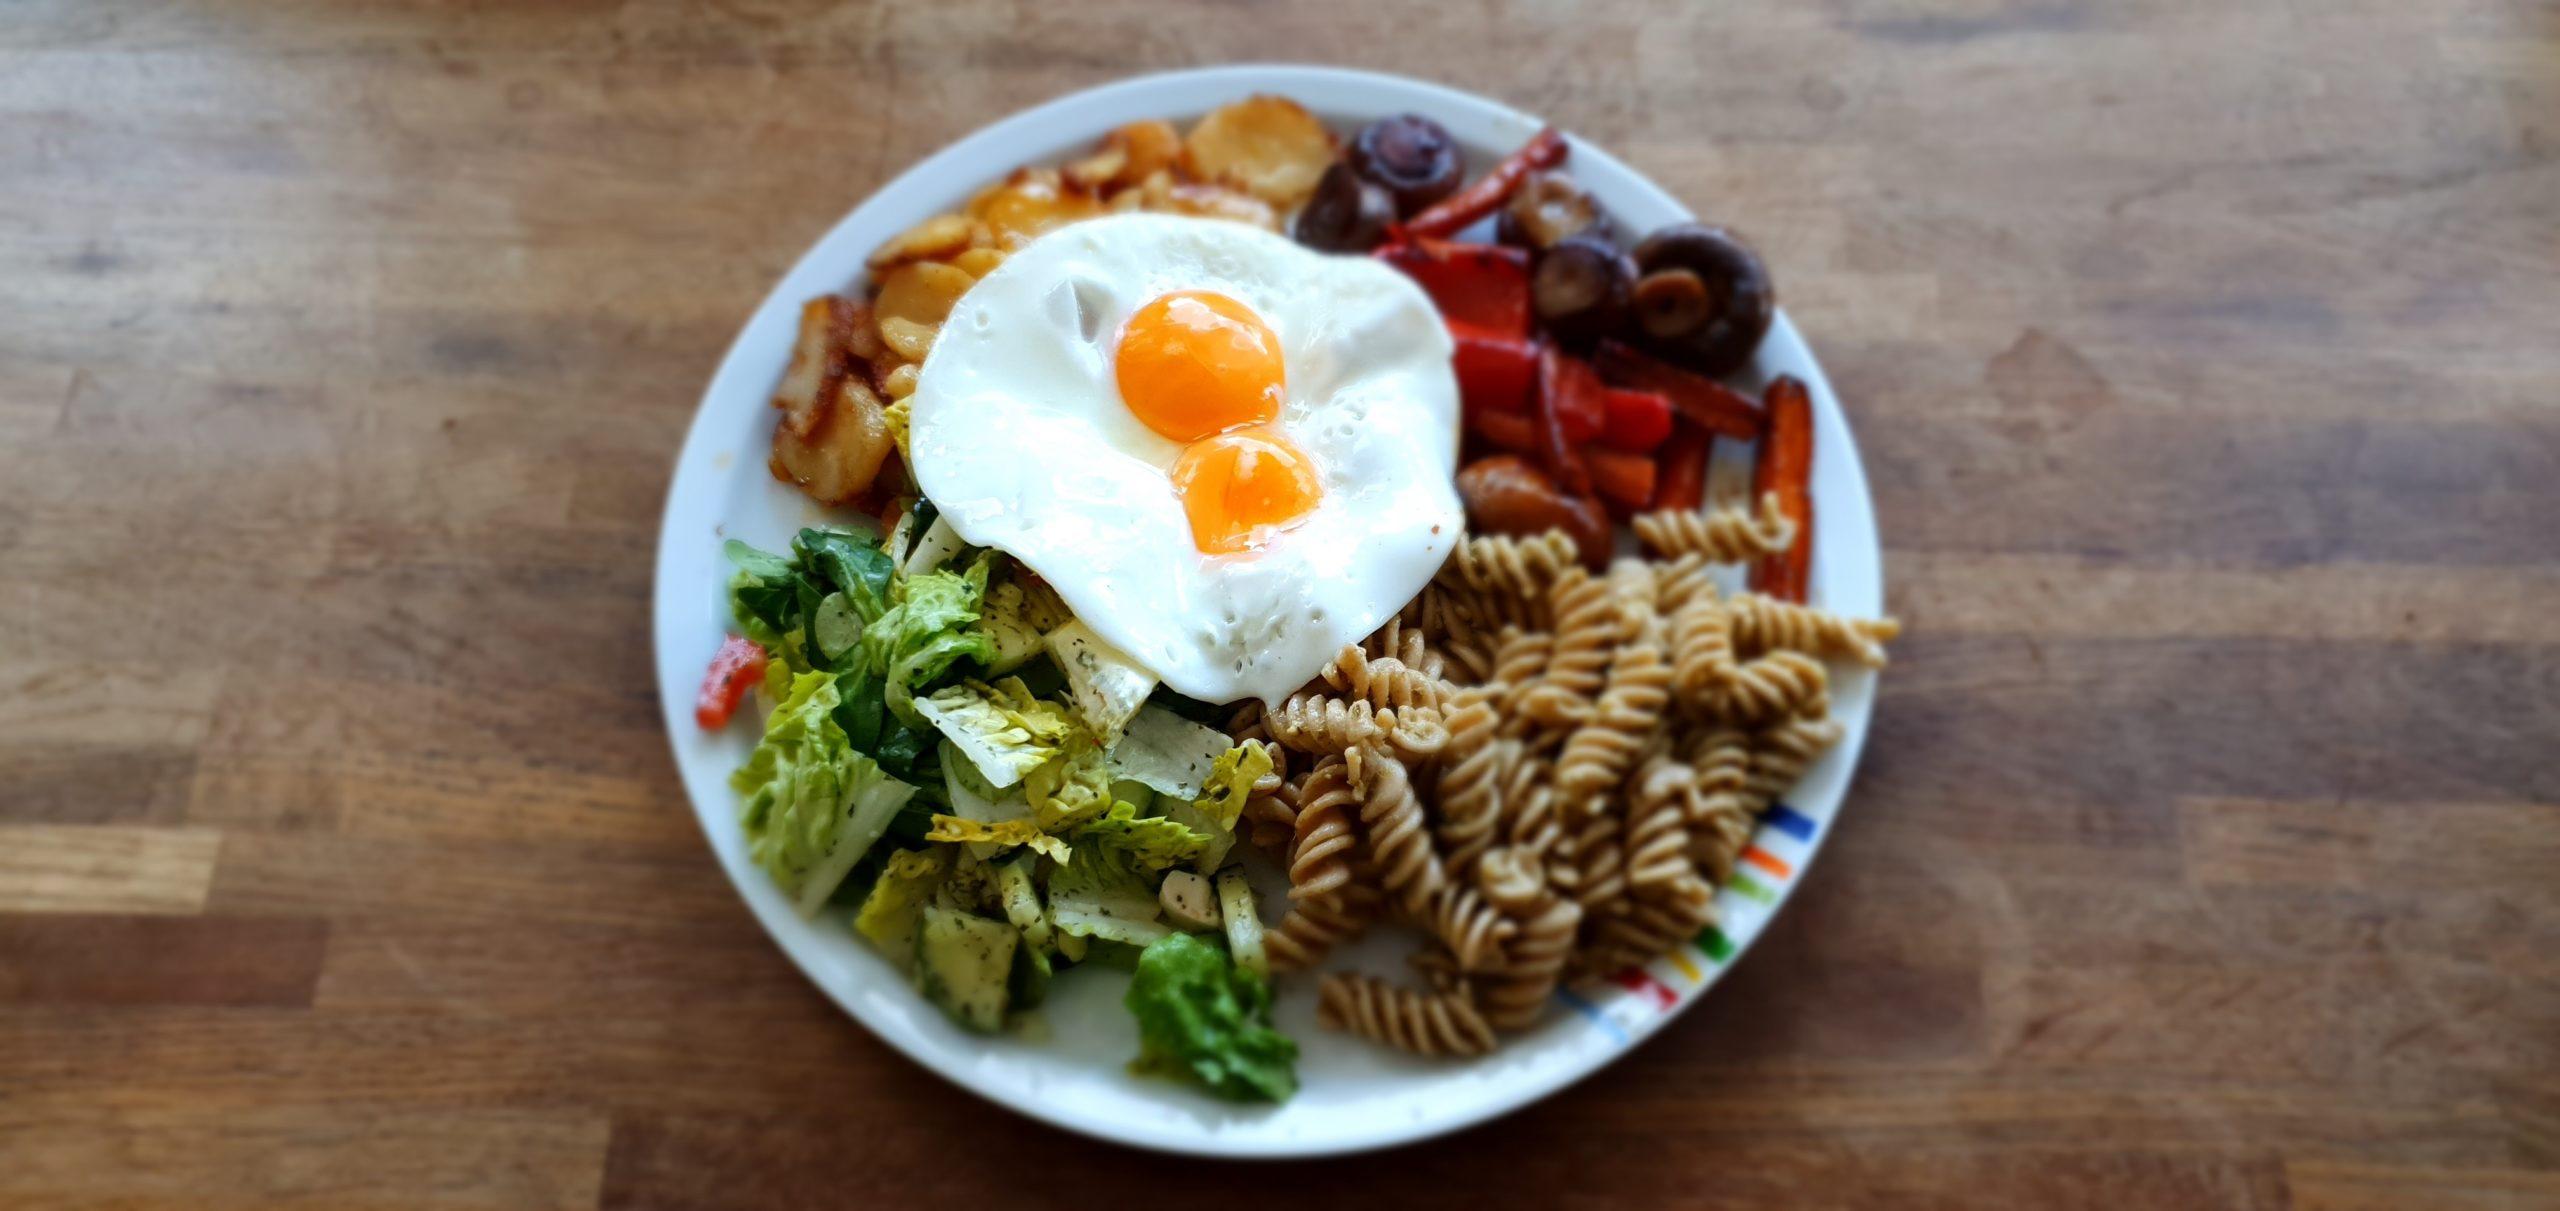 Vegetarisches Essen Sonntag Mittag